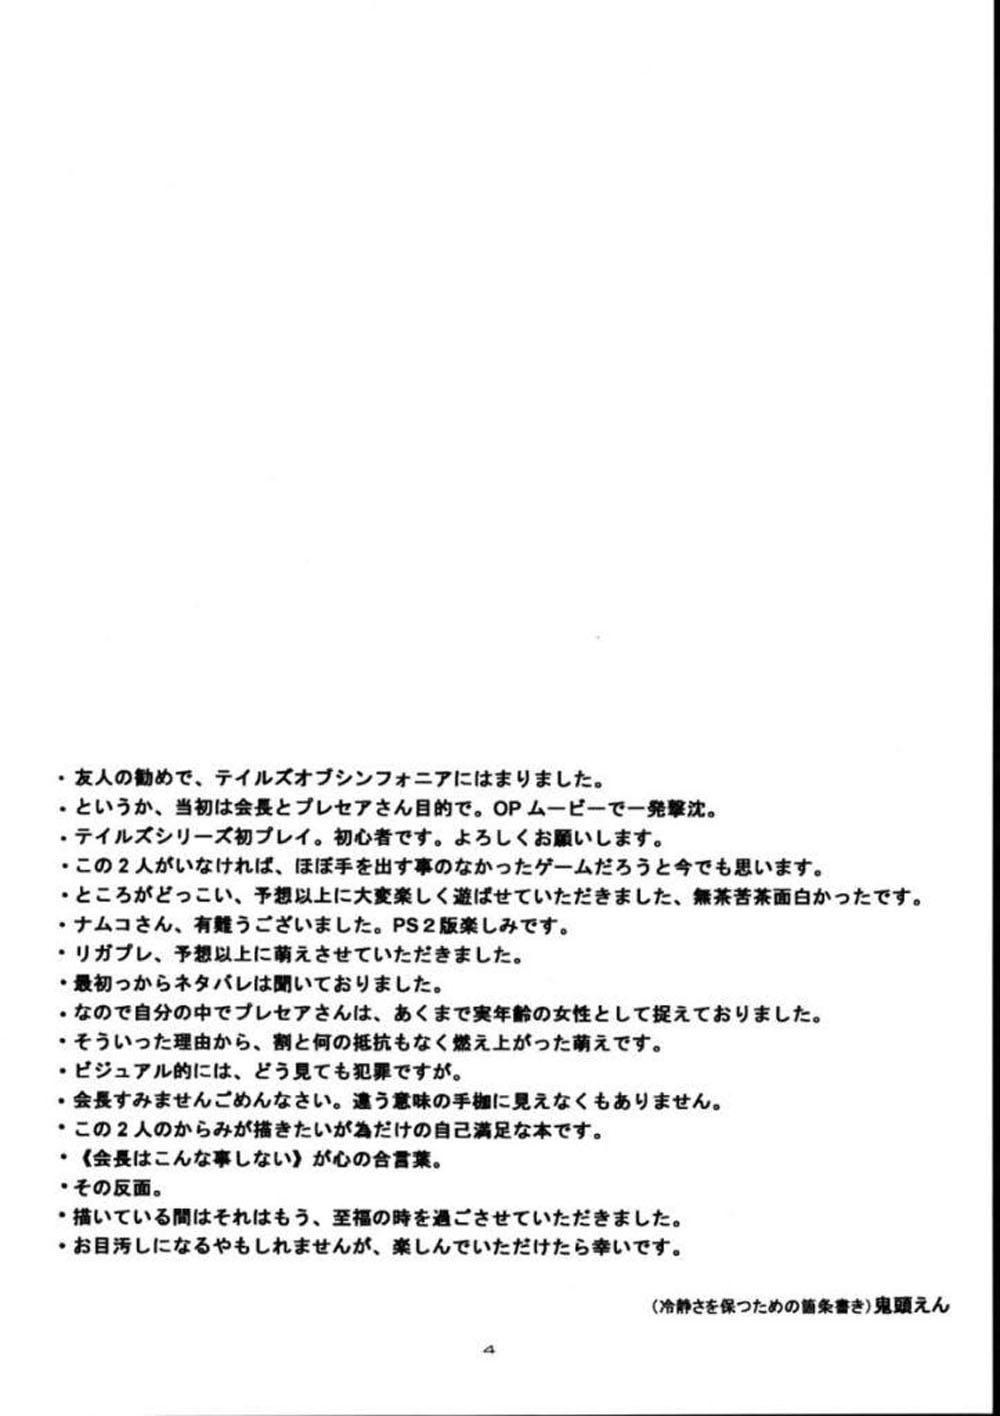 (C67) [Toko-ya (Kitoen) Regal x Presea (Tales of Symphonia) [English] 2